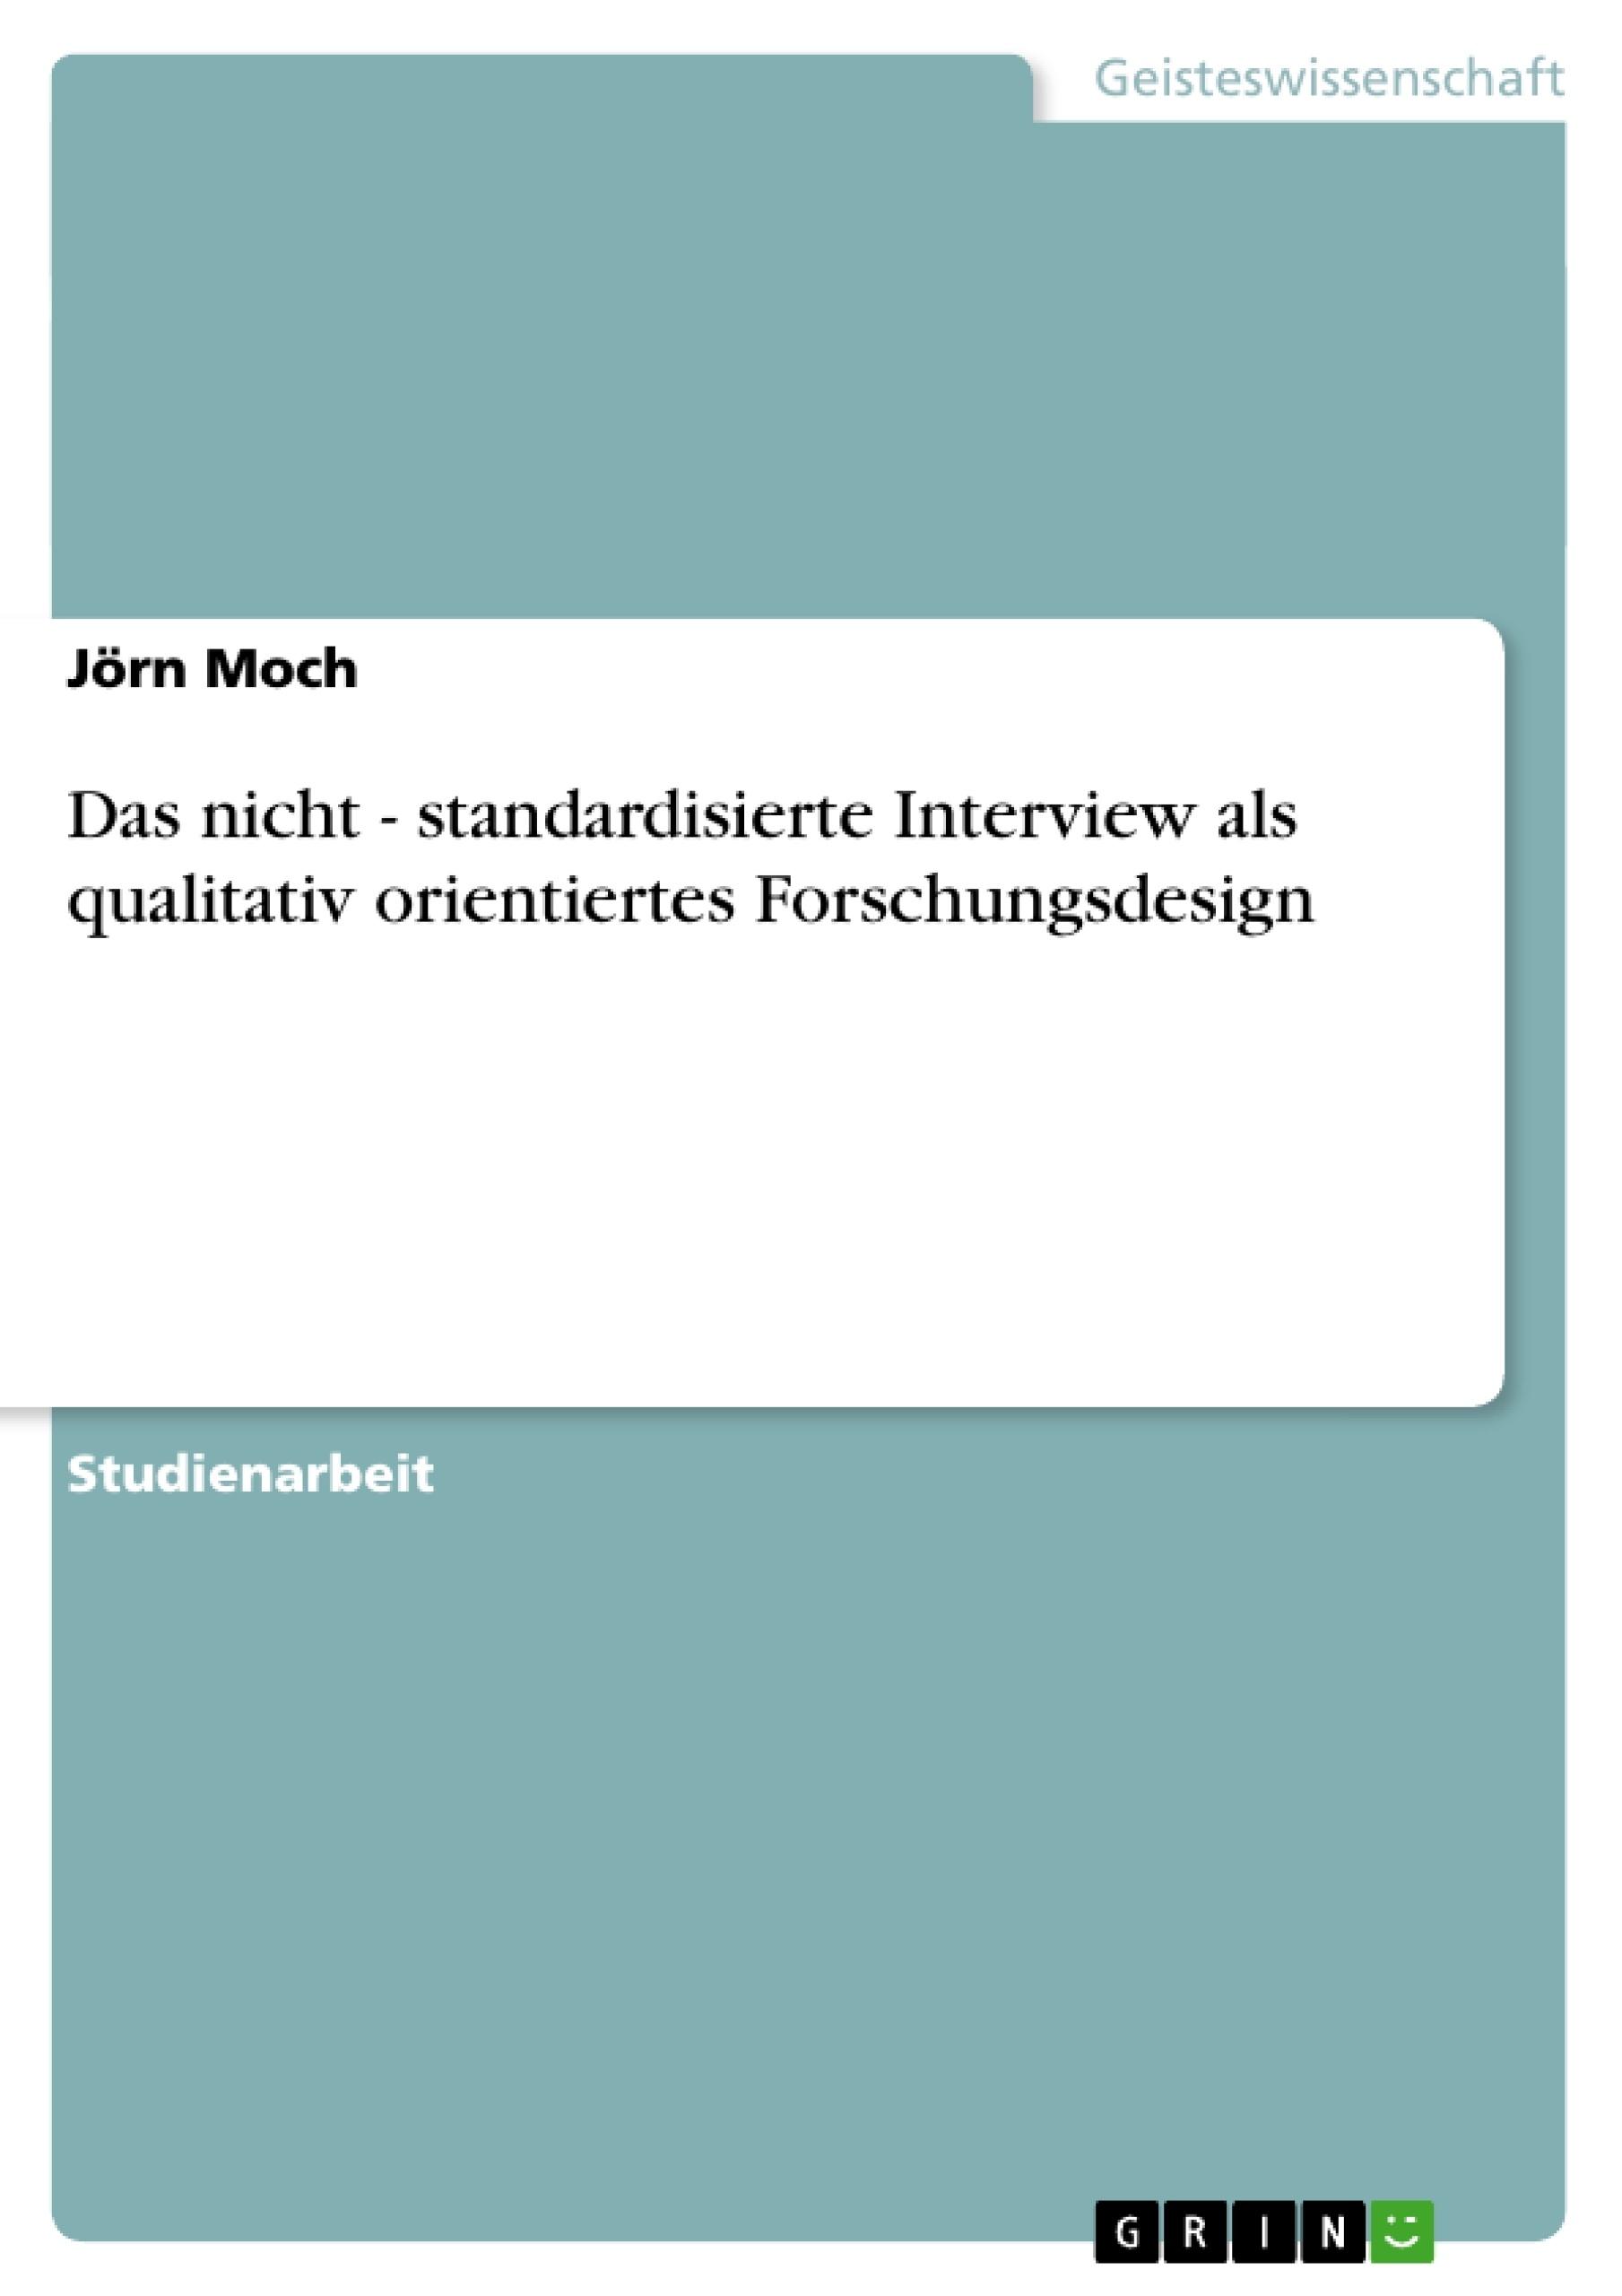 Titel: Das nicht - standardisierte Interview als qualitativ orientiertes Forschungsdesign